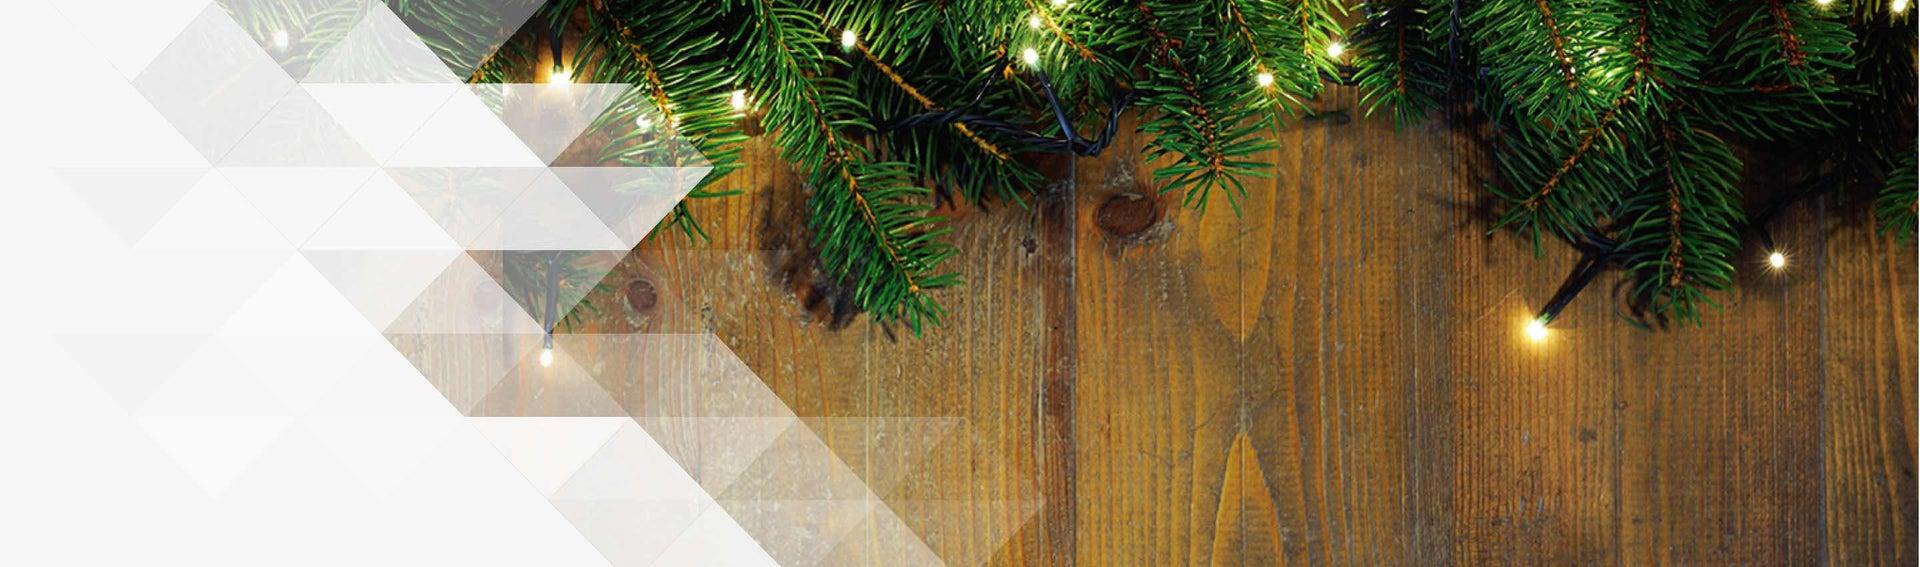 Sapin De Noël Naturel Ou Artificiel Idées Cadeaux Leroy